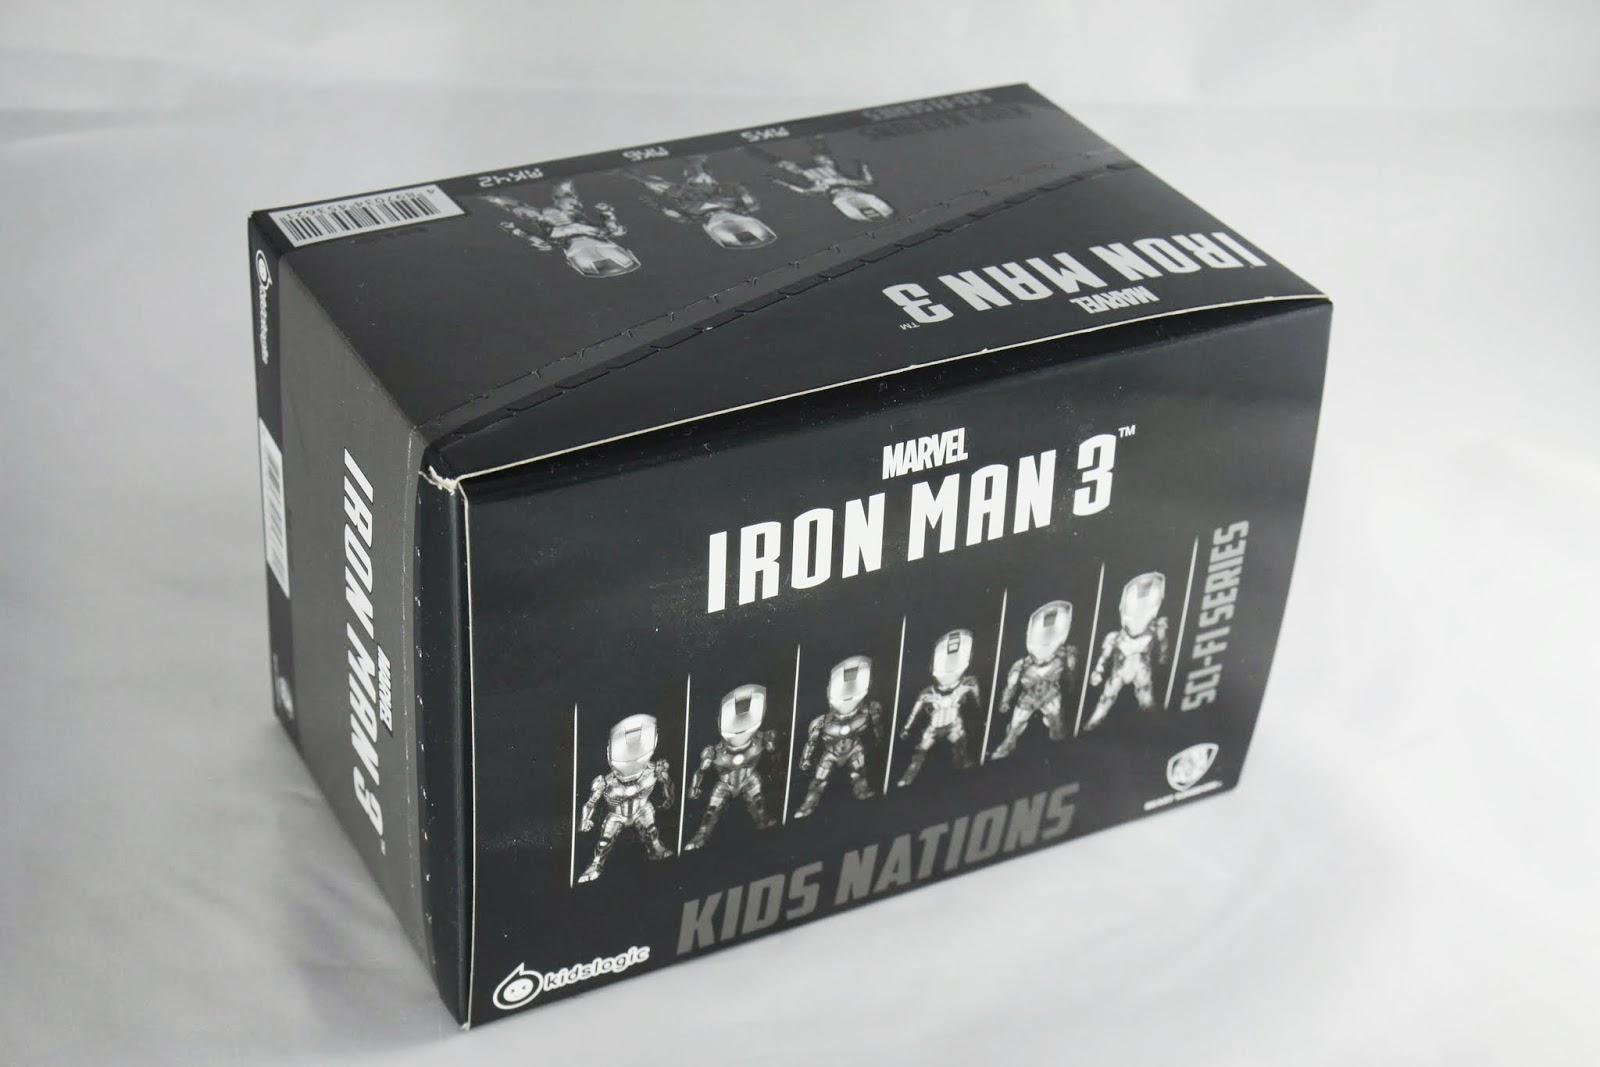 外盒做成像盒玩型的樣子